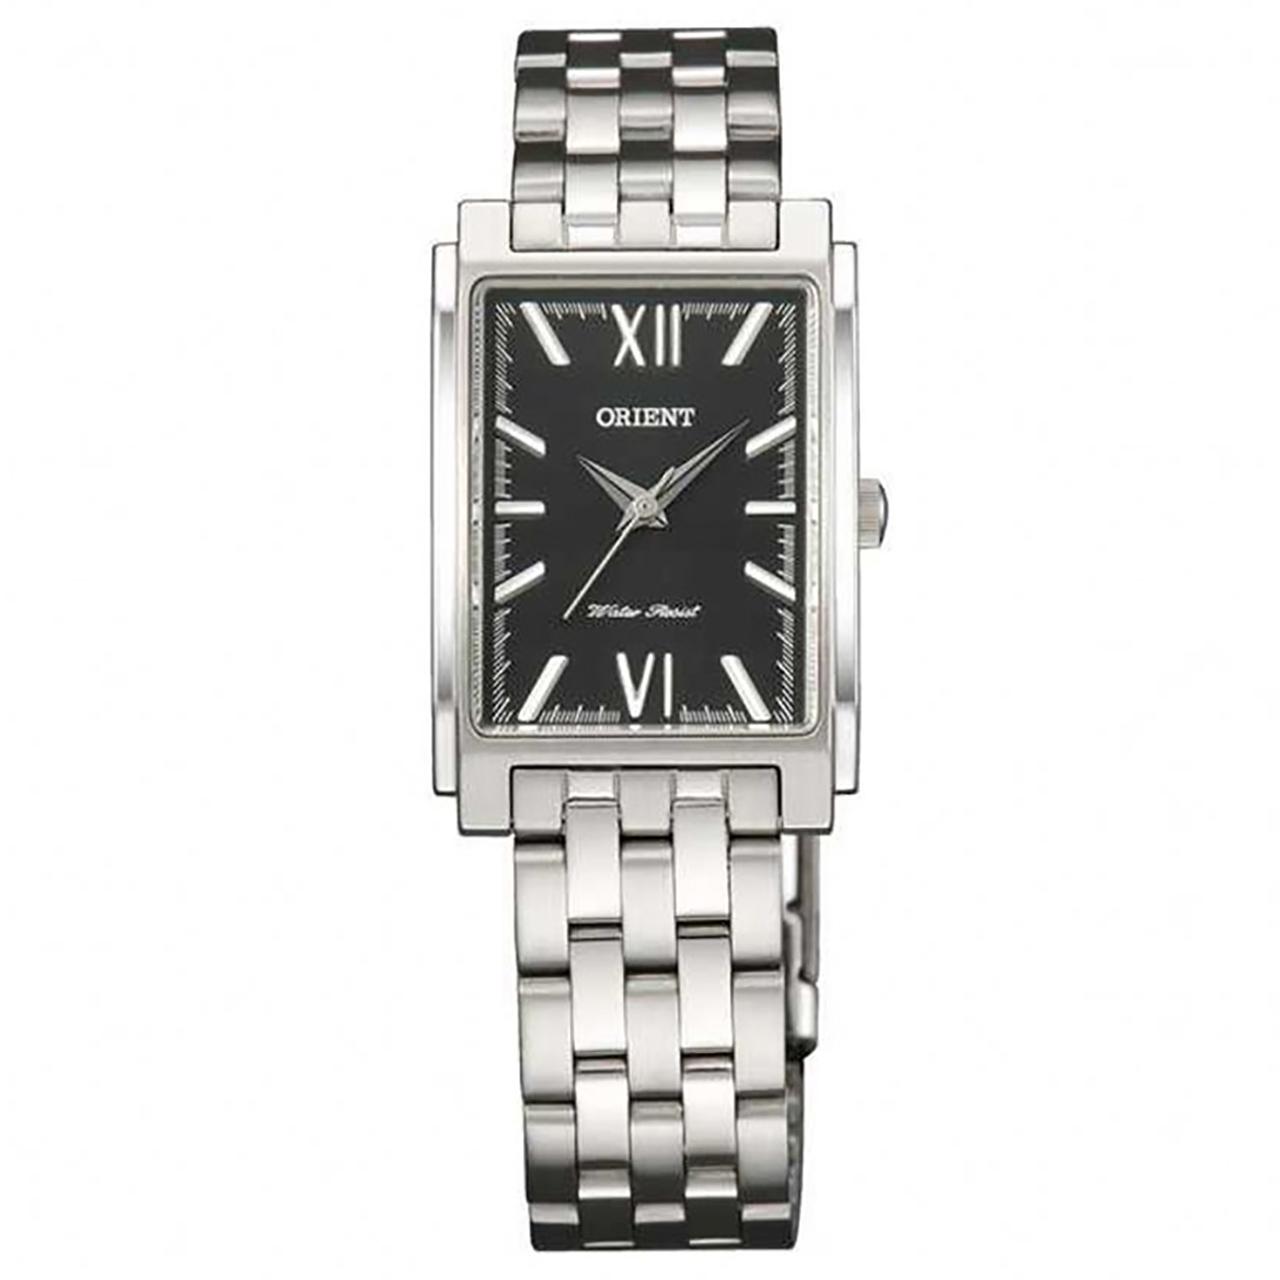 ساعت مچی عقربه ای زنانه  اورینت مدل SUBTZ002B0